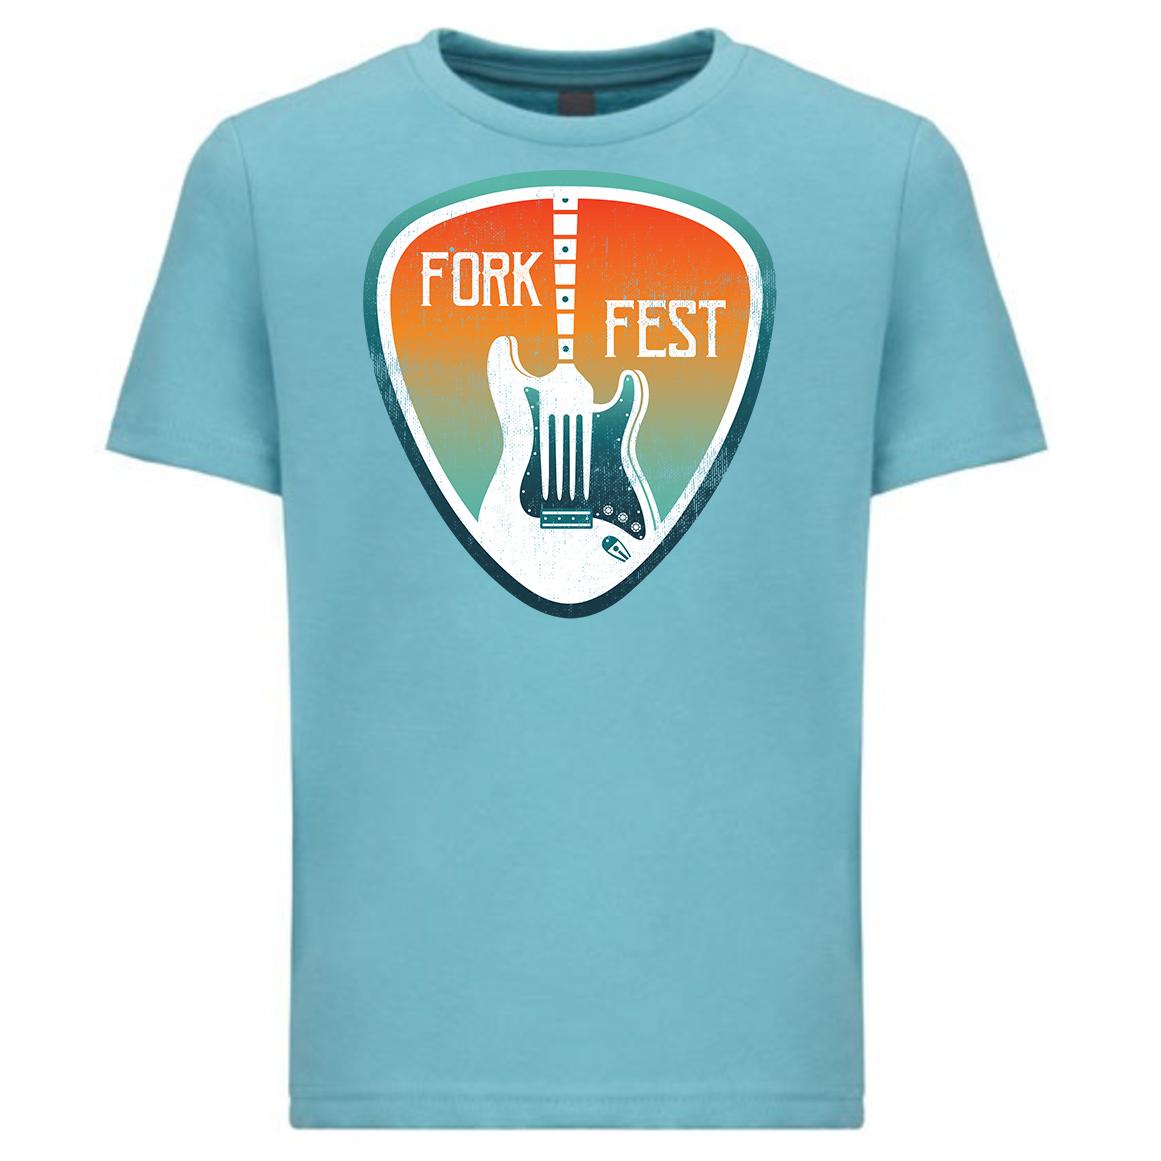 Tahiti Blue Youth Shirt.png